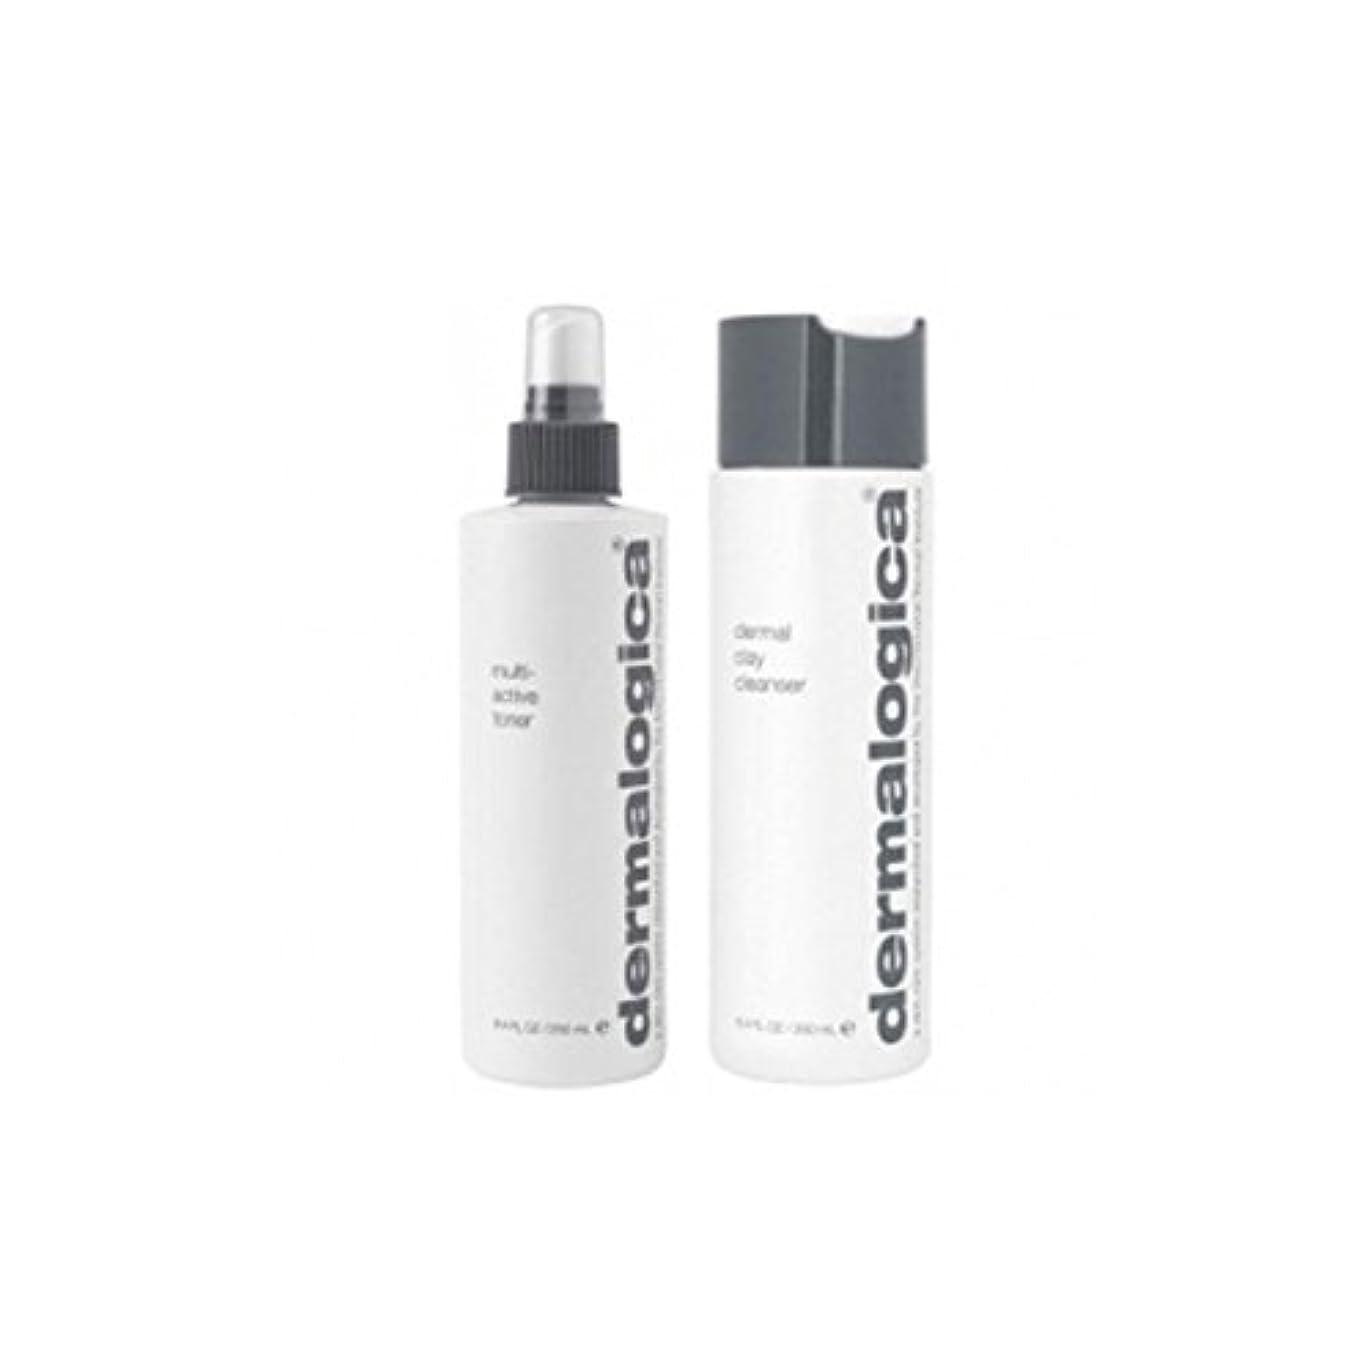 フェローシップコイン探すDermalogica Cleanse & Tone Duo - Oily Skin (2 Products) - ダーマロジカクレンジング&トーンデュオ - 脂性肌(2製品) [並行輸入品]